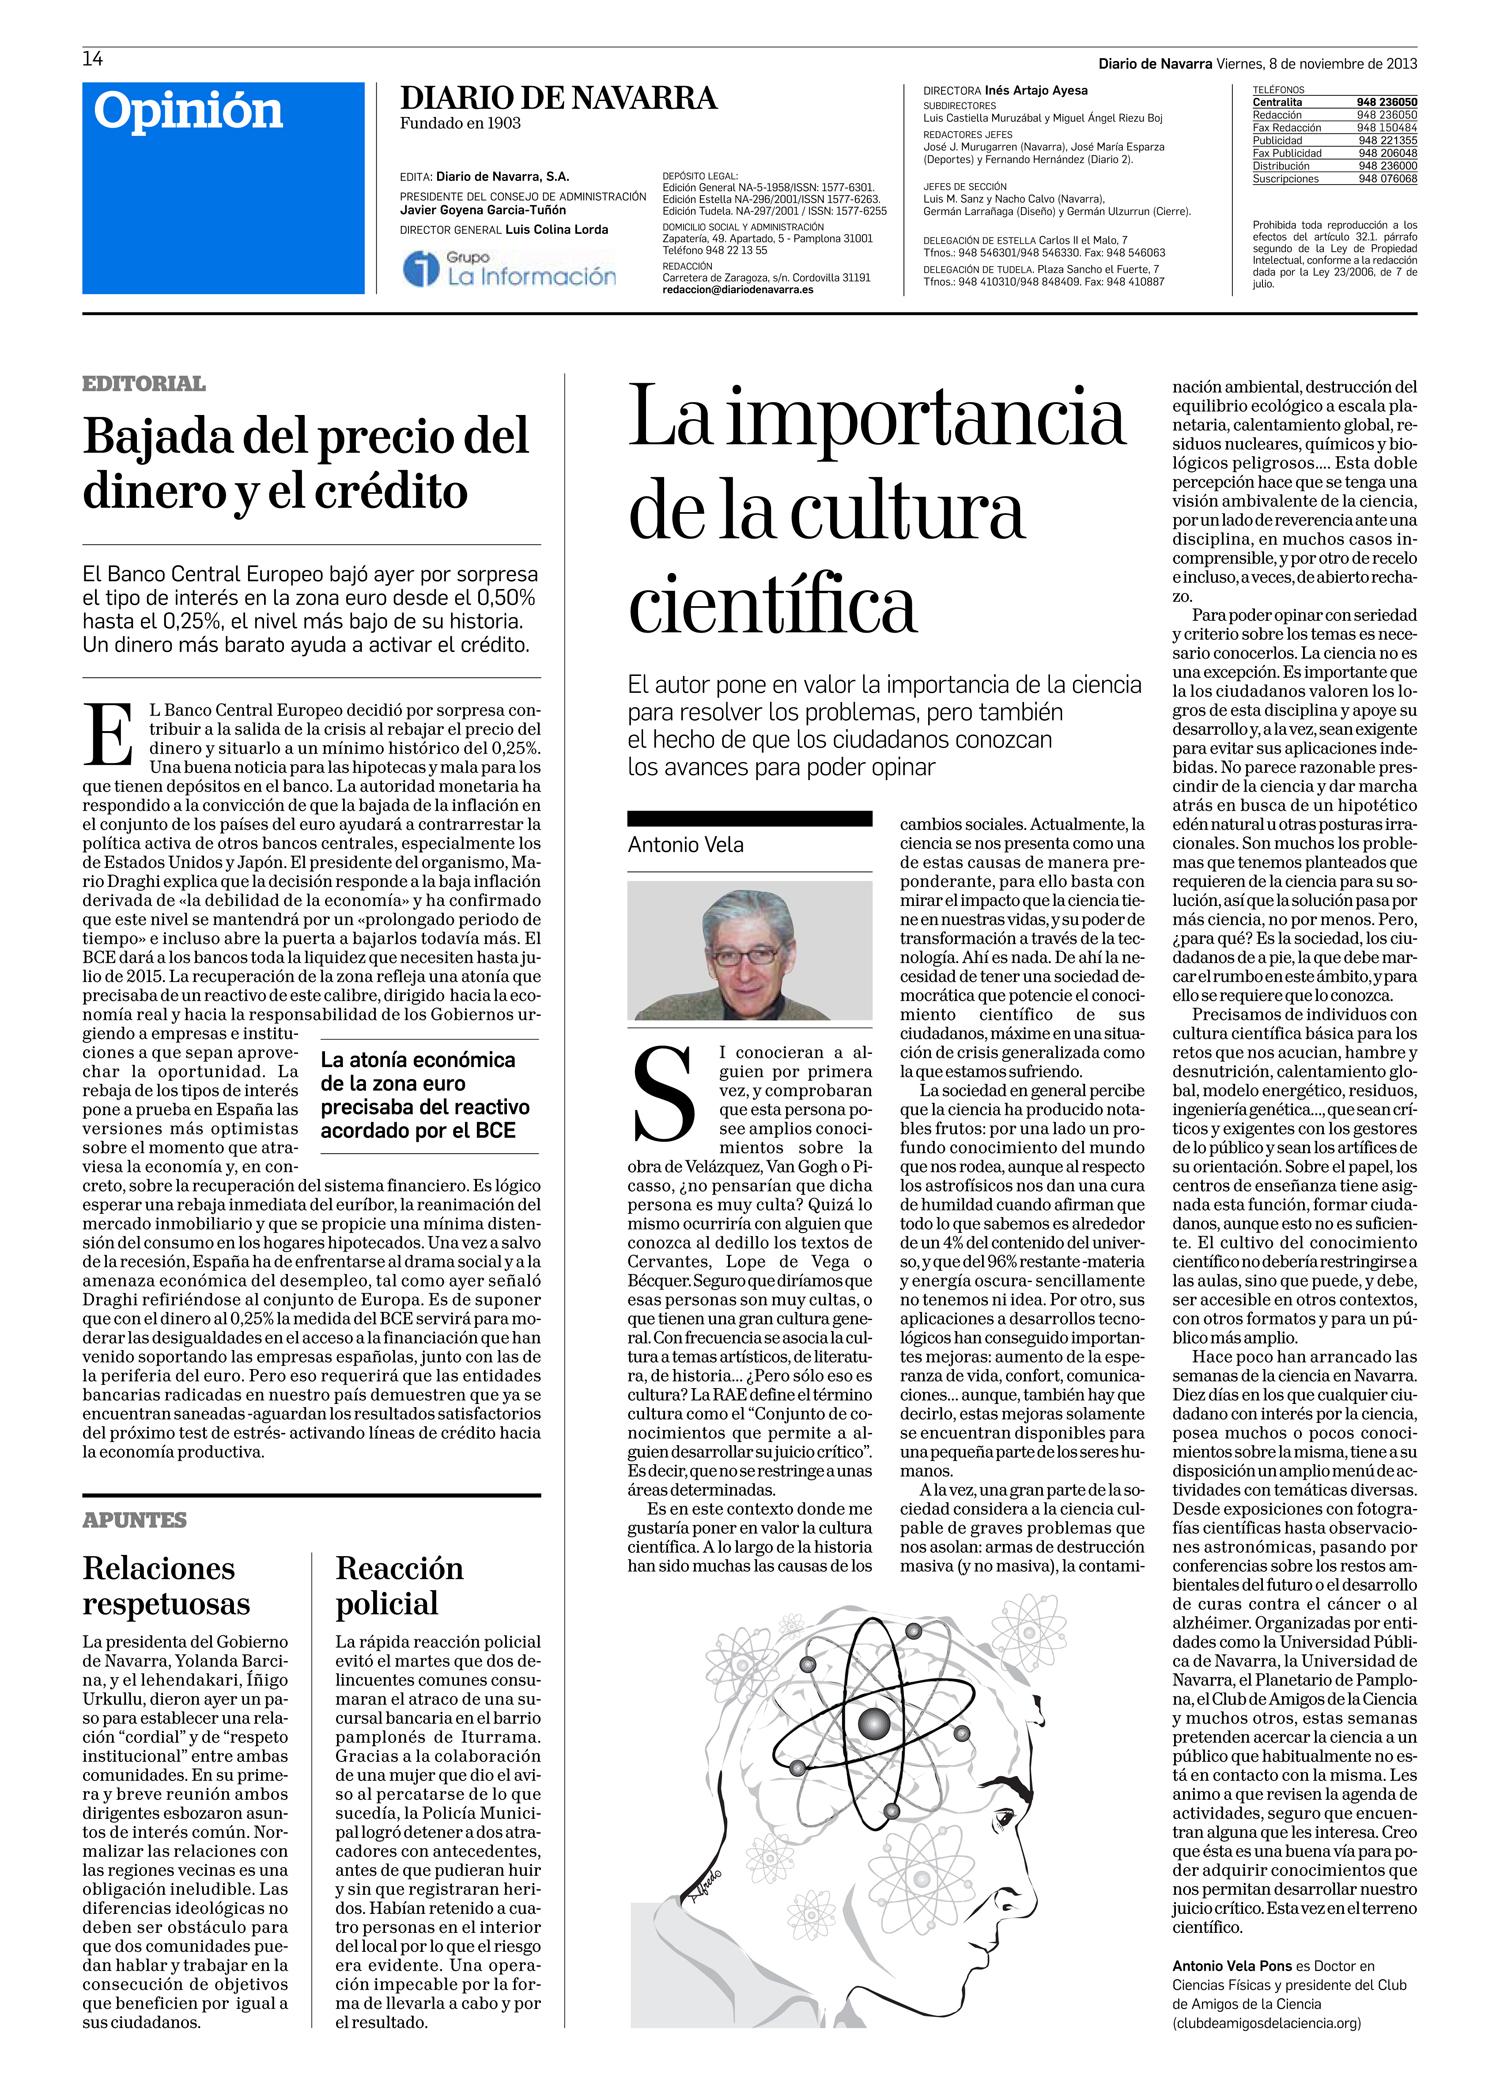 La importancia de la cultura científica. Antonio Vela en Diario de Navarra